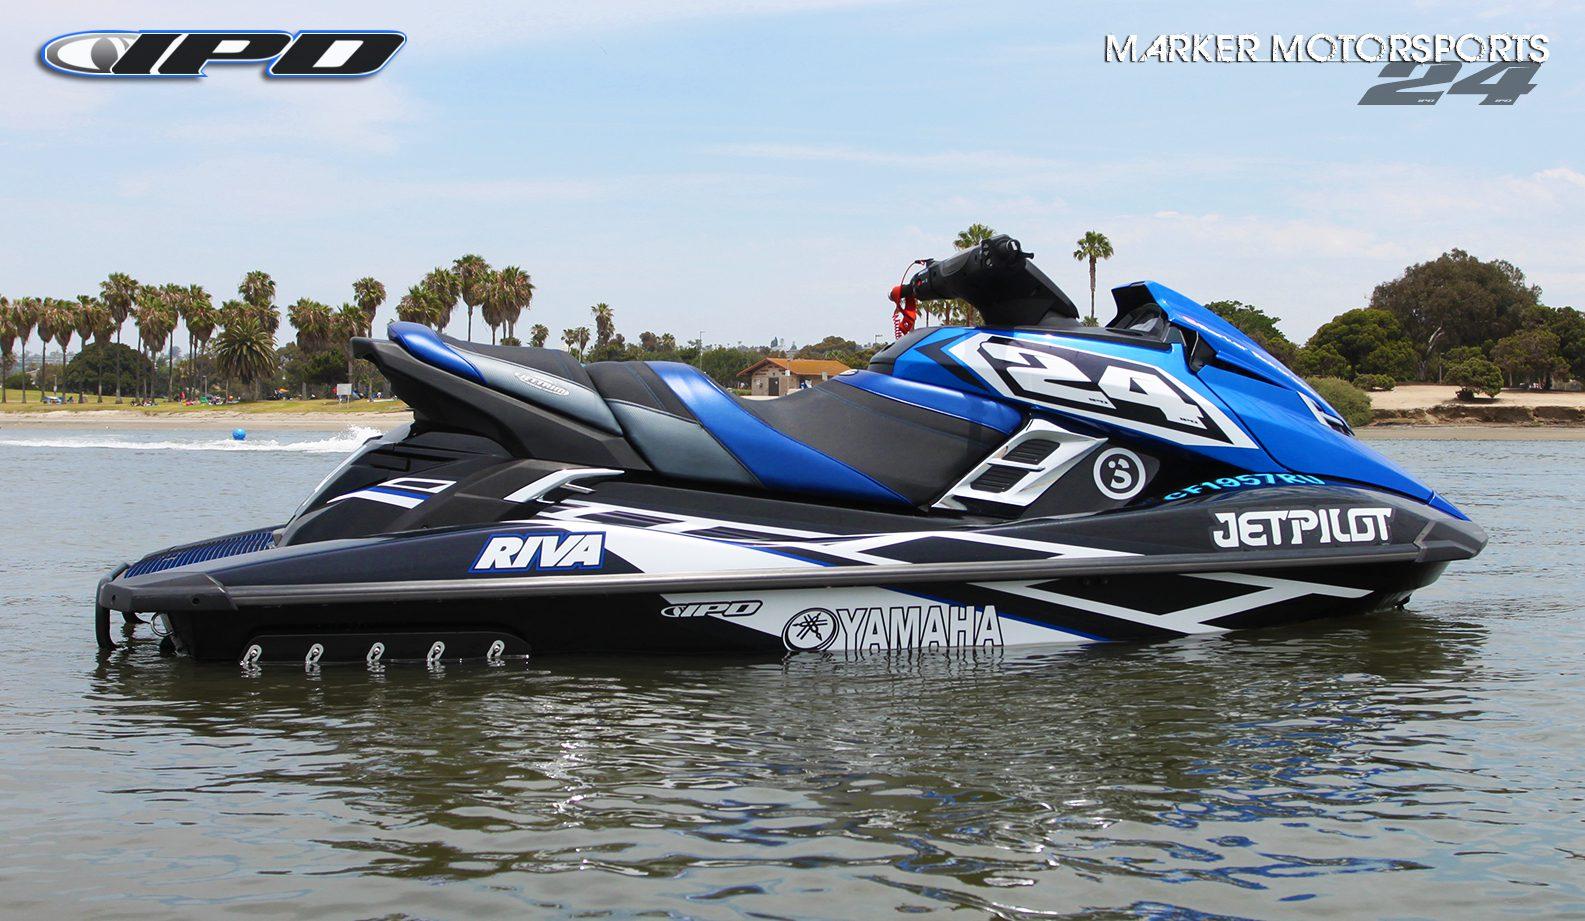 Sea doo graphics ipd jet ski graphics for Yamaha jet skis